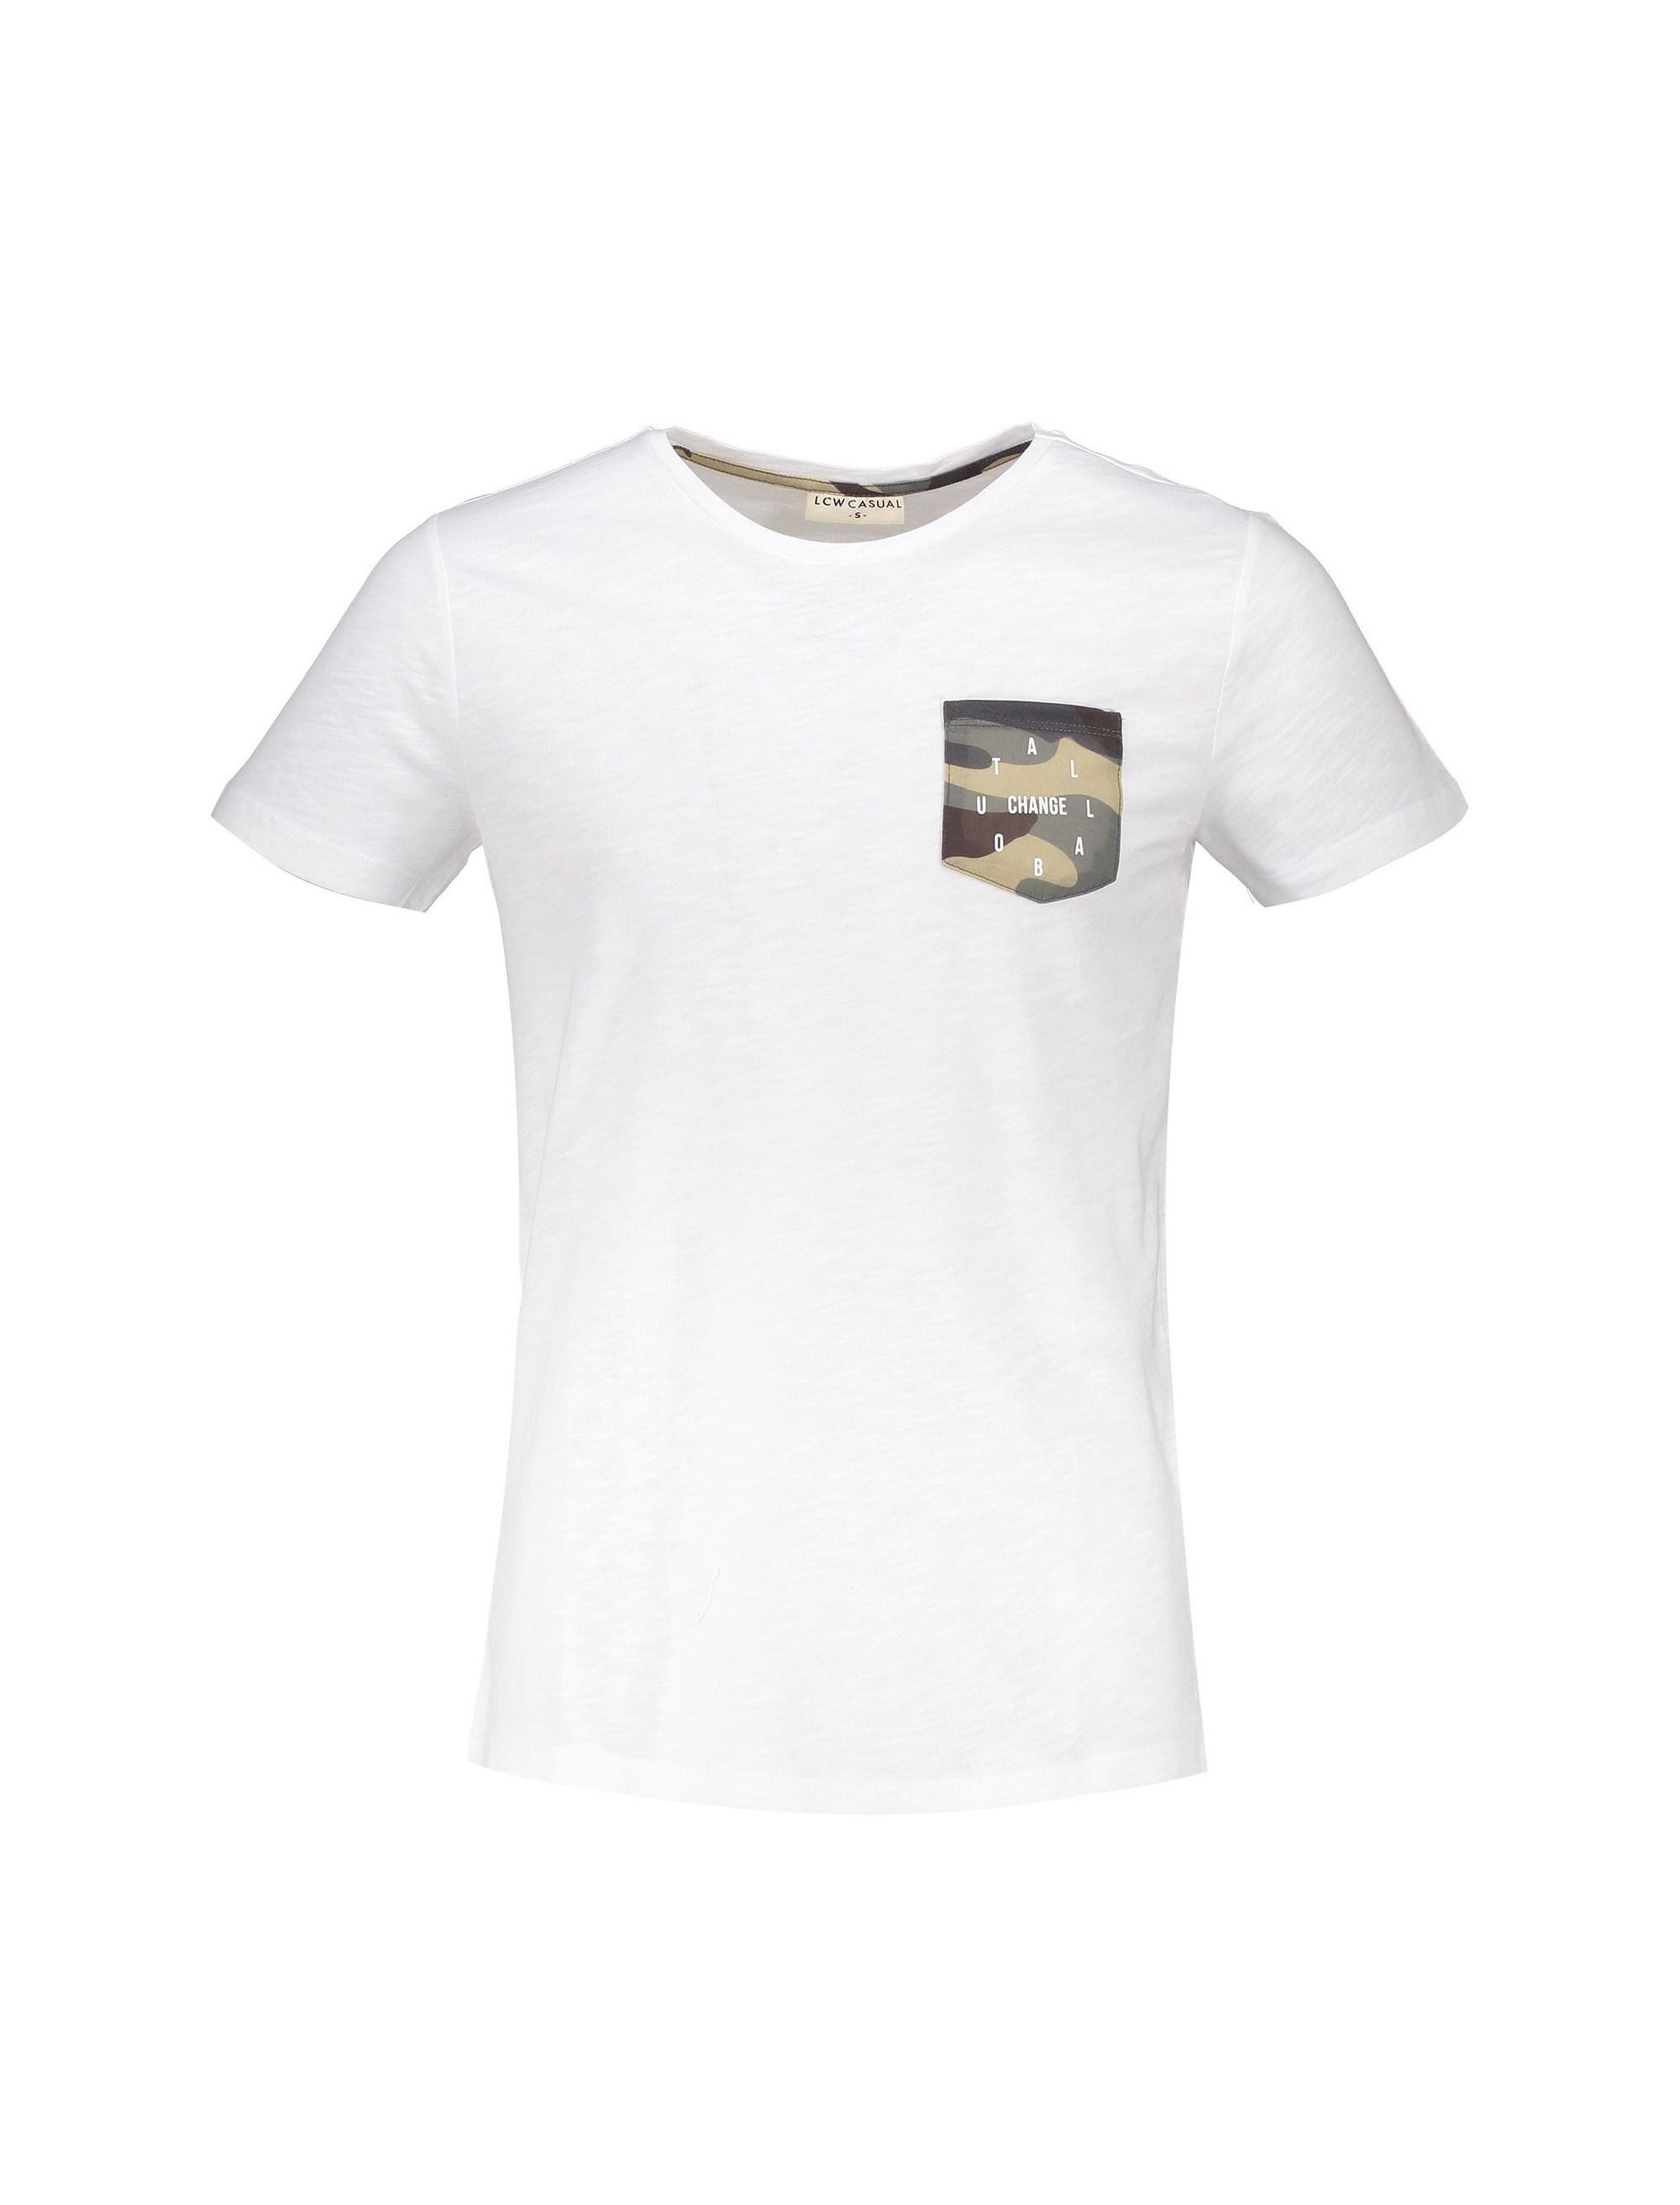 تی شرت نخی یقه گرد مردانه - ال سی وایکیکی - سفيد - 1